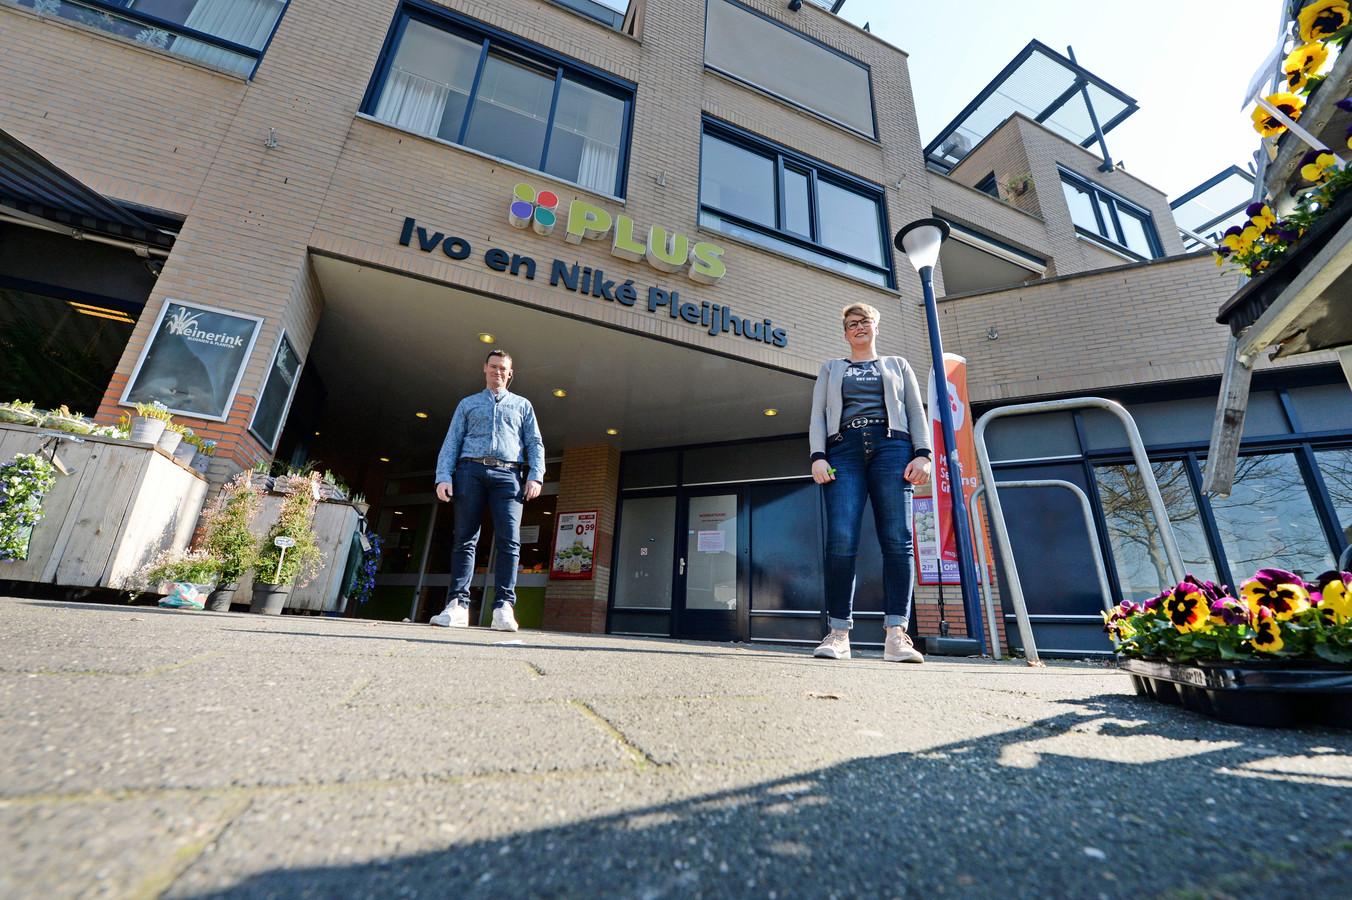 Niké Pleijhuis spreekt er schande van: een medewerker werd uitgescholden door een klant, die weigerde een winkelwagentje te gebruiken. AR20200326